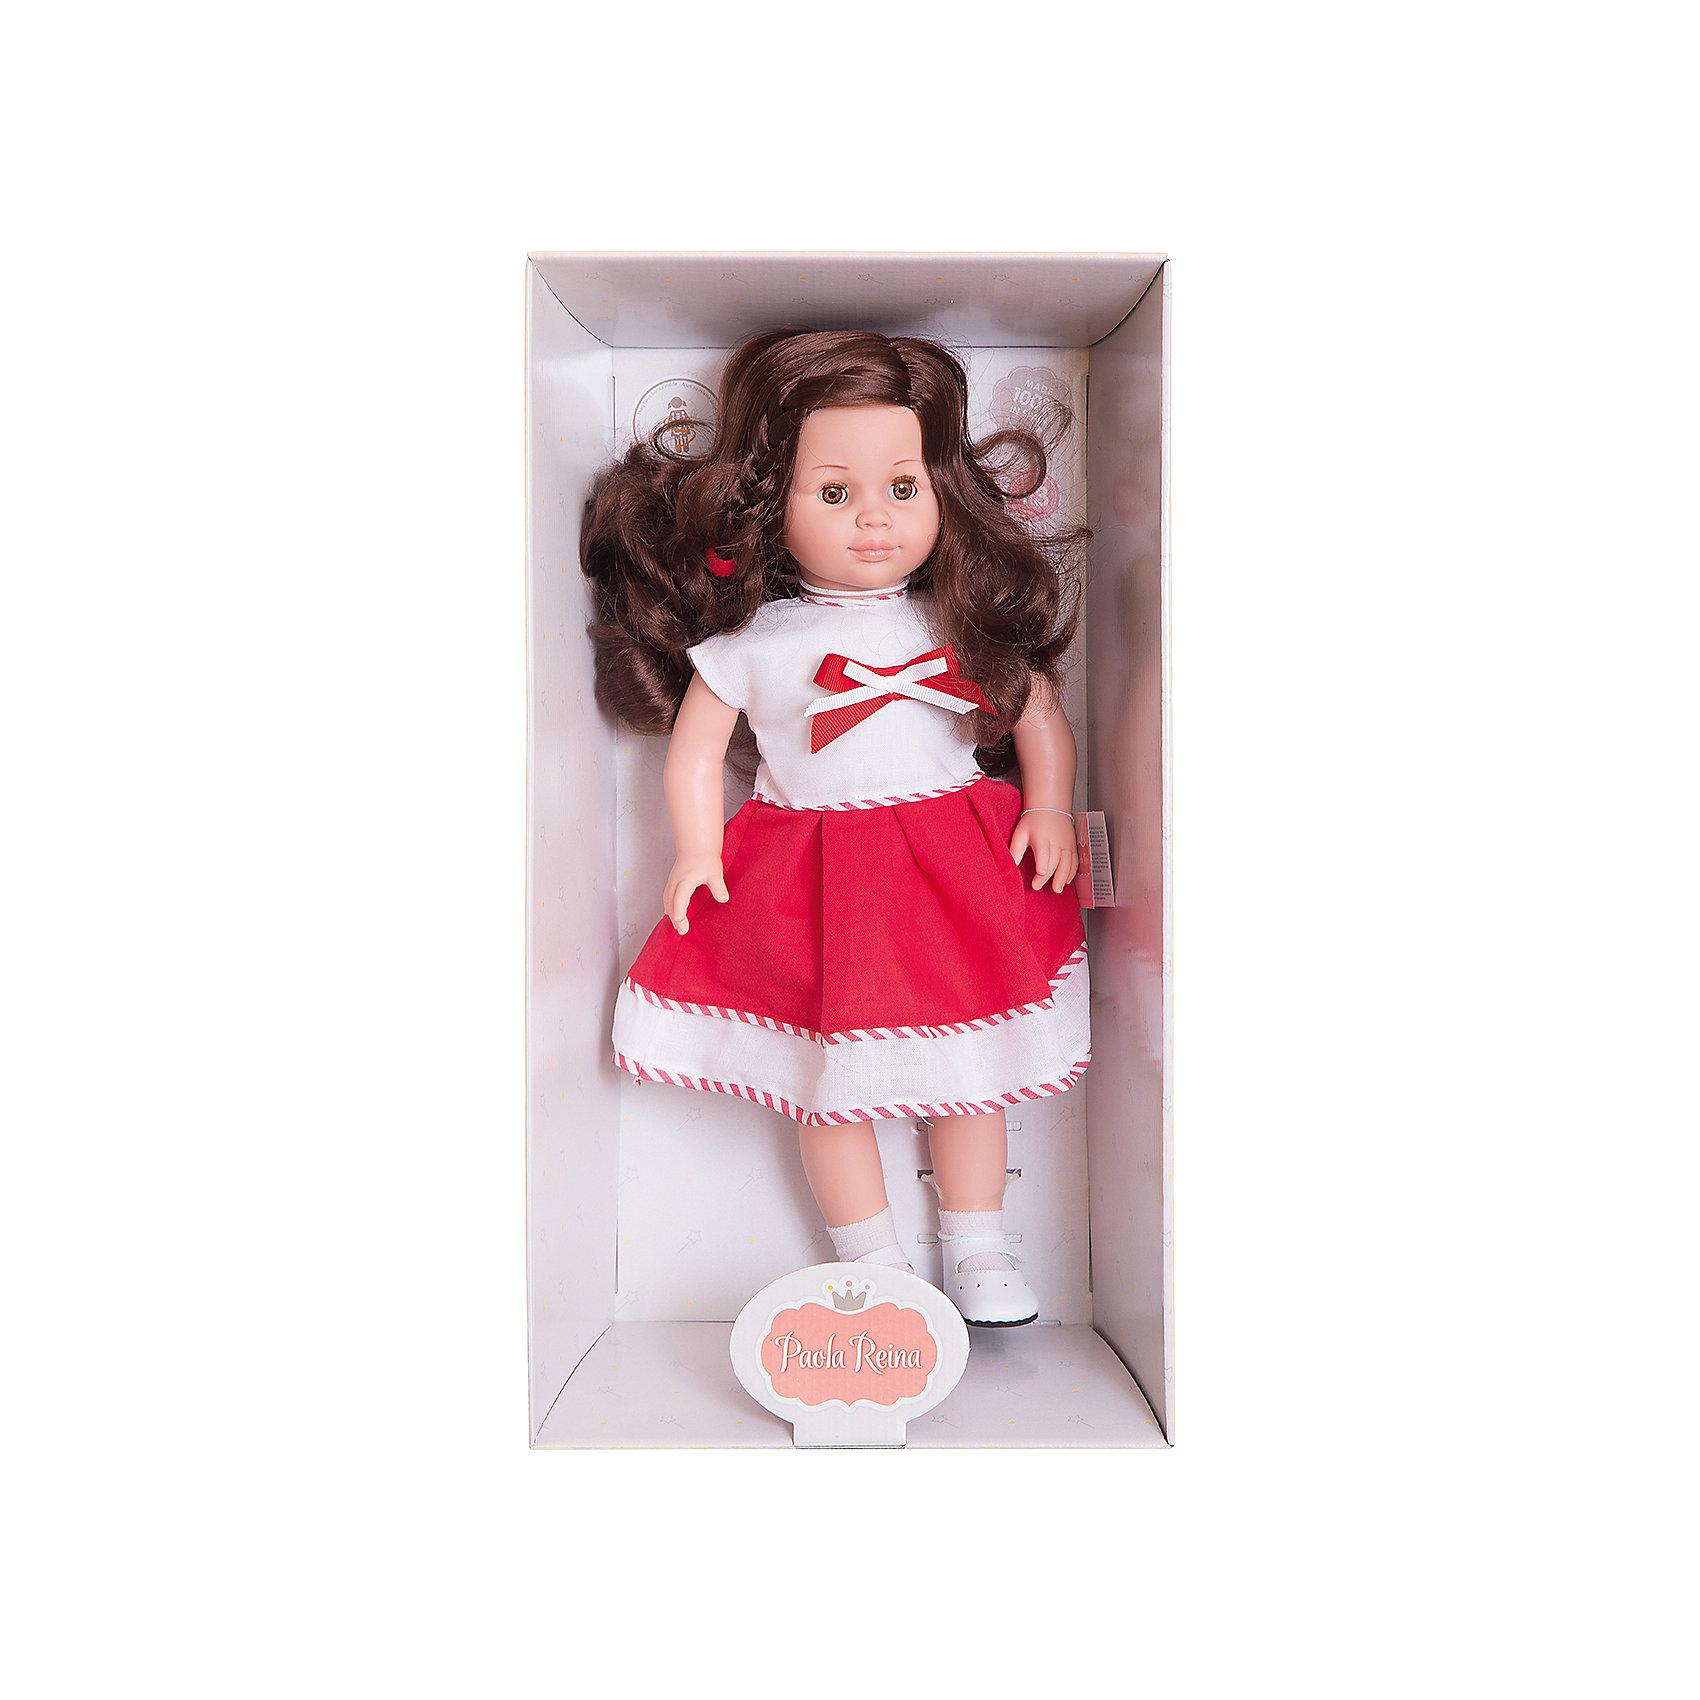 Кукла Вики, 47 см, Paola ReinaБренды кукол<br>Эта очаровательная куколка приведет в восторг любую девочку! Кукла имеет мягконабивное тело и скелетный каркас, благодаря этому у нее вращаются руки и ноги (вдоль тела и на 360 градусов). Тело куклы может немного сгибаться в талии. Очаровательная Вики так похожа на маленькую озорную девочку! Она одета в милое бело-красное платье, украшенное тесьмой и бантиком, на ногах - белые носочки и маленькие туфельки. Темные блестящие волосы куколки так приятно расчесывать, создавая всевозможные прически. Куклы Паола Рейна имеют нежный ванильный аромат, одеты в модную одежду с аксессуарами. Выразительная мимика, уникальный и неповторимый дизайн лица и тела делают эти игрушки запоминающимися и уникальными. Куклы изготовлены из высококачественных нетоксичных материалов, абсолютно безопасны для детей. <br><br>Дополнительная информация:<br><br>- Материалы: кукла изготовлена из винила и текстиля; глаза выполнены в виде кристалла из прозрачного твердого пластика; волосы сделаны из высококачественного нейлона, одежда - текстиль.<br>- Размер: 47 см.<br>- Комплектация: кукла в одежде и обуви. <br>- Голова, ручки, ножки куклы подвижные.<br>- Мягконабивное тело.<br>- Нельзя мыть.<br>- Глаза закрываются.<br><br>Куклу Вики, 47 см, Paola Reina (Паола Рейна), можно купить в нашем магазине.<br><br>Ширина мм: 290<br>Глубина мм: 155<br>Высота мм: 540<br>Вес г: 1500<br>Возраст от месяцев: 36<br>Возраст до месяцев: 144<br>Пол: Женский<br>Возраст: Детский<br>SKU: 4420321